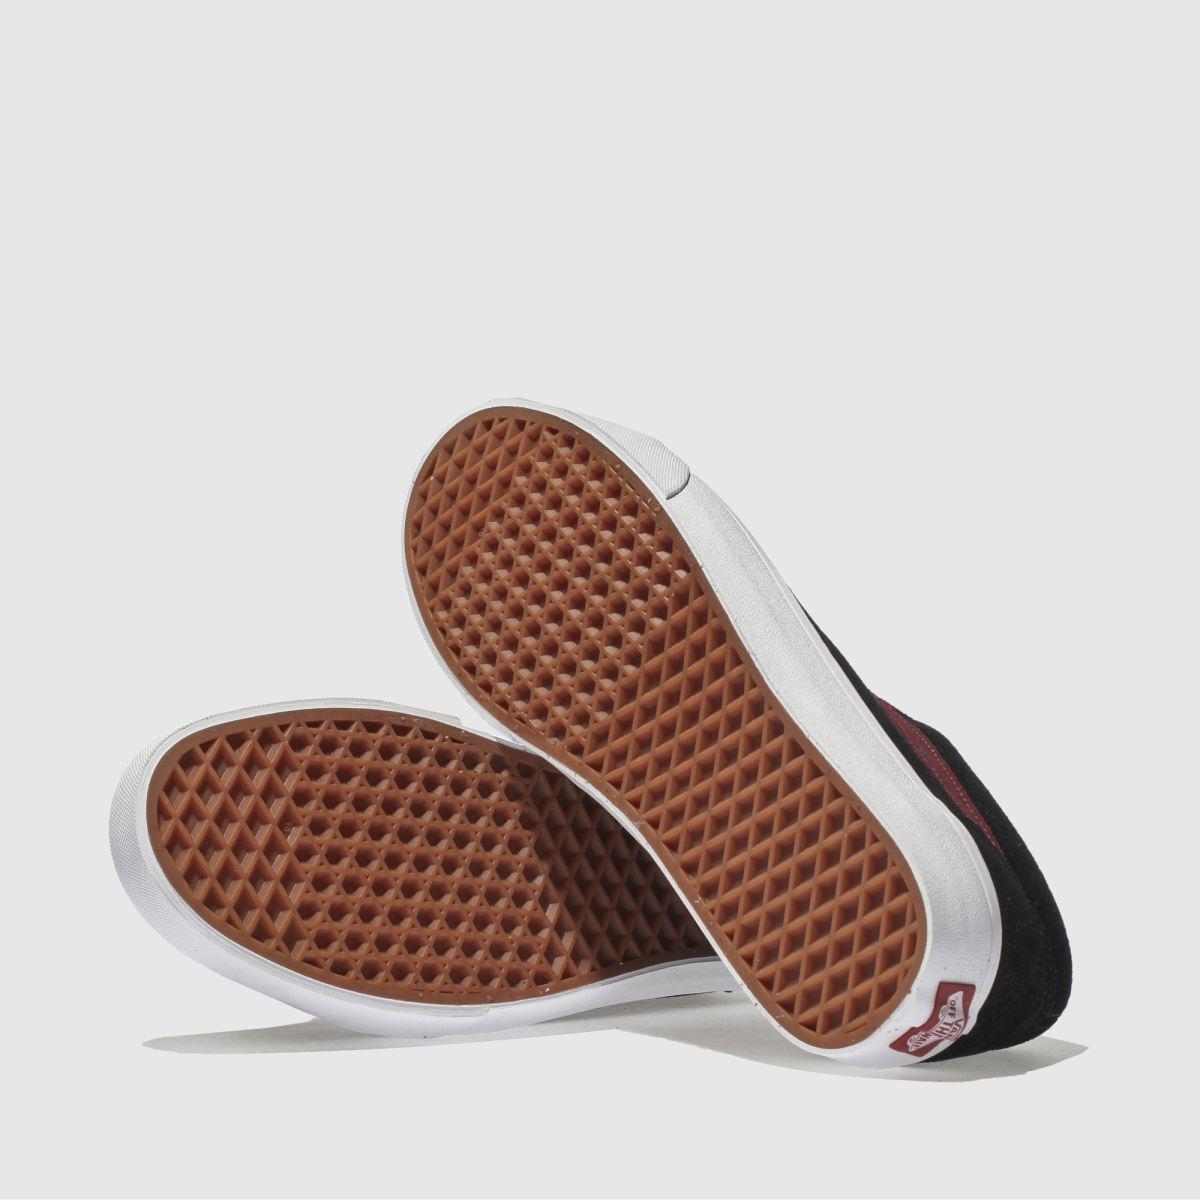 Herren schuh Schwarz-rot vans Old Skool Sneaker | schuh Herren Gute Qualität beliebte Schuhe 73ecaf